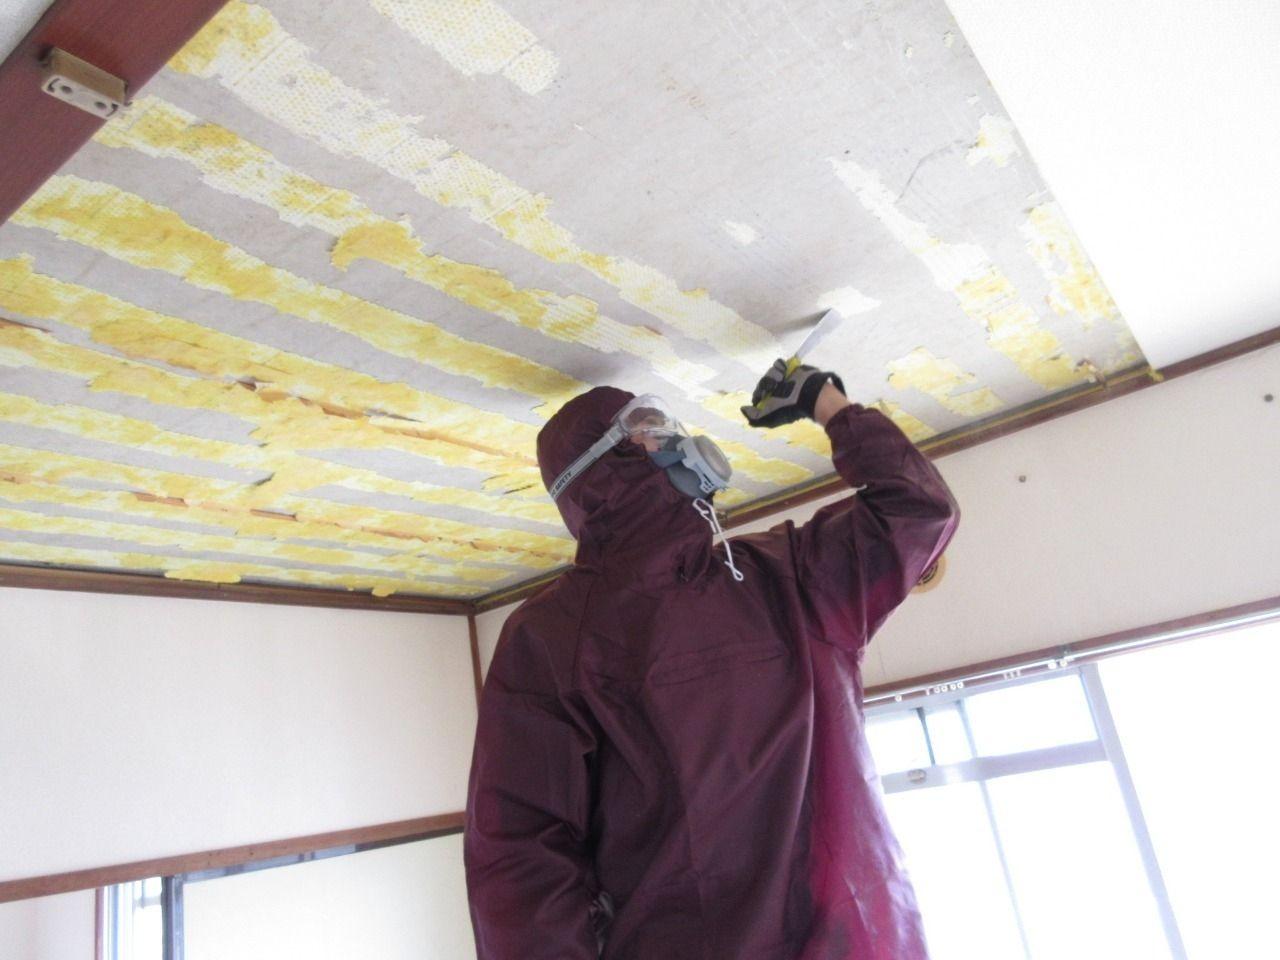 天井材を剥がすのに苦戦してます